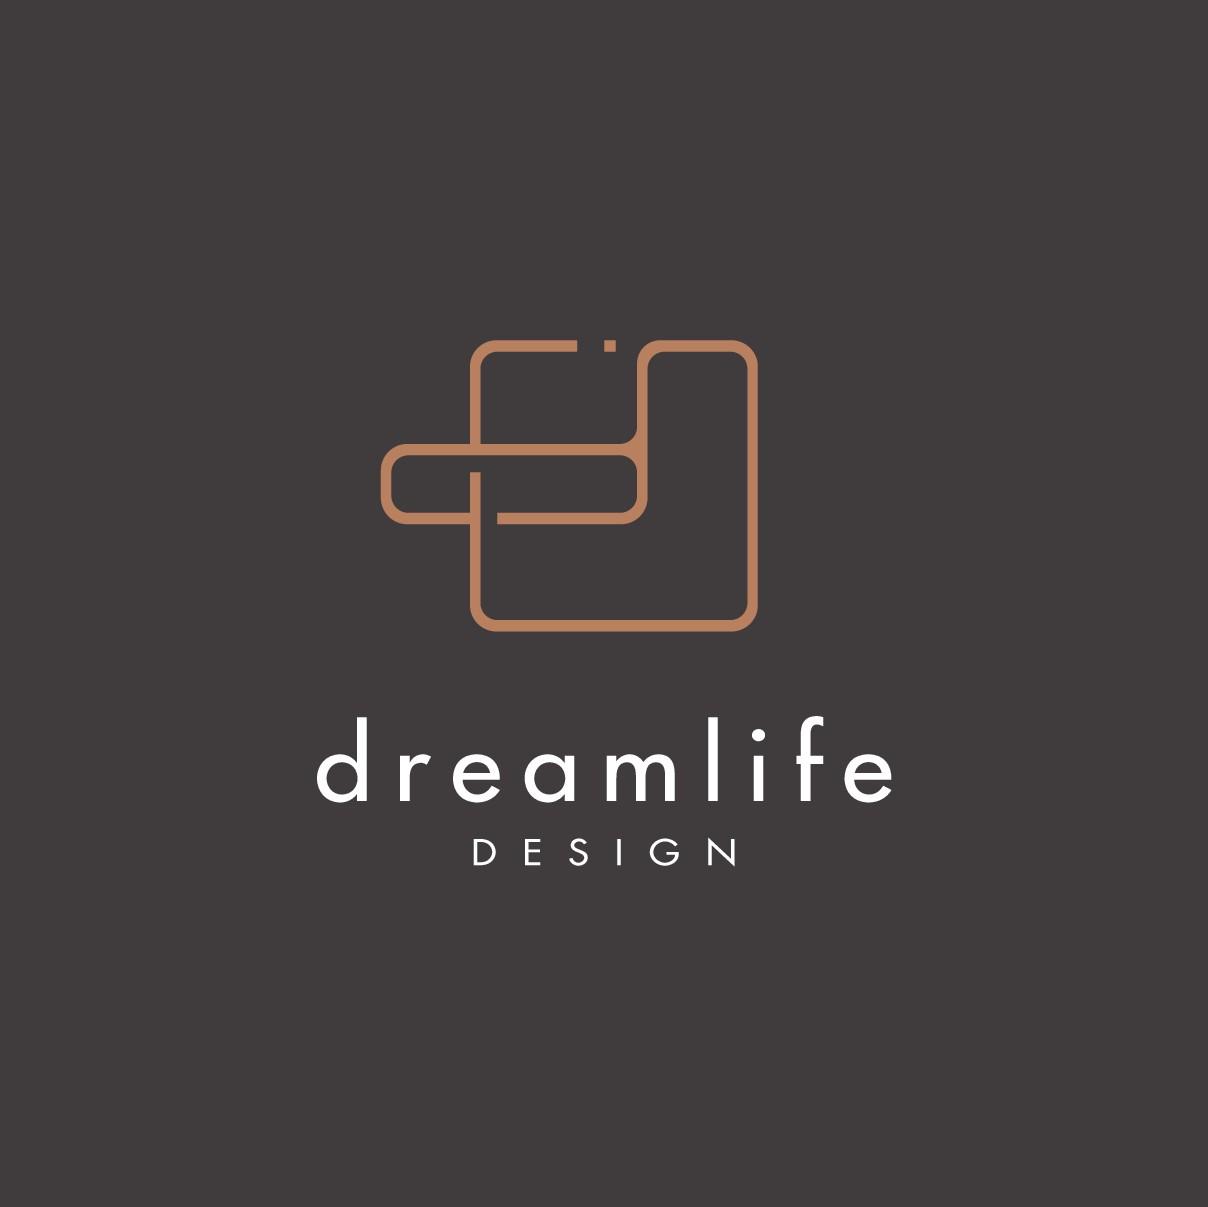 dreamlife design